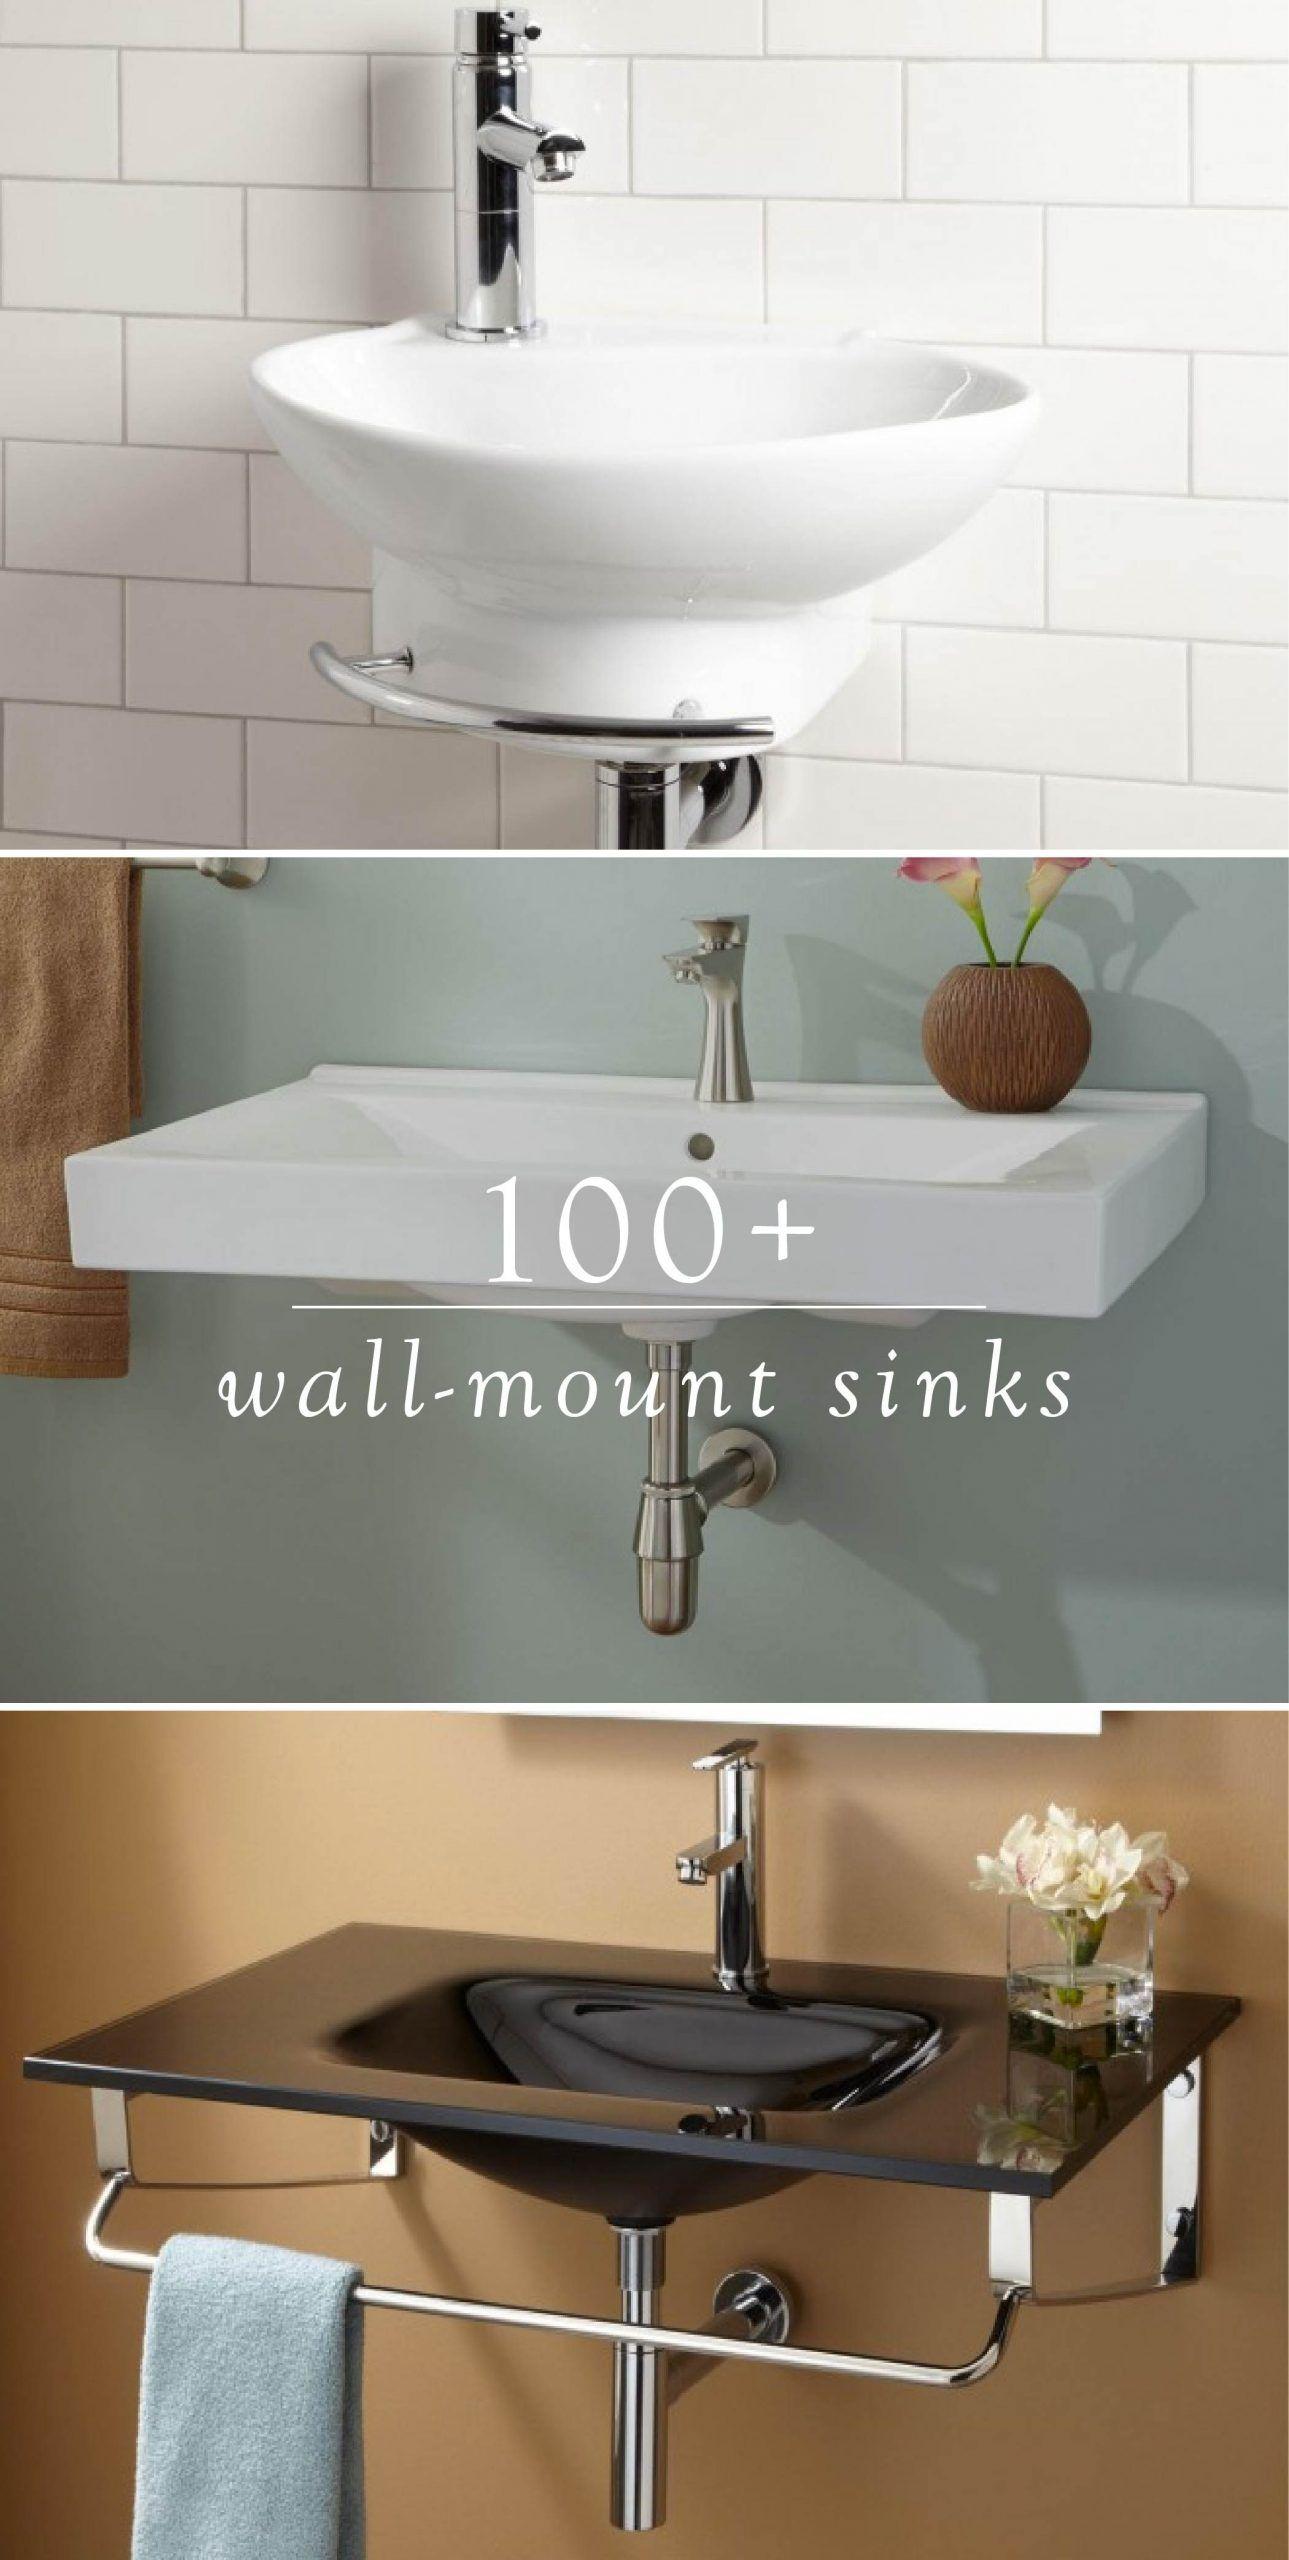 Wall Mount Sinks Wall Mounted Bathroom Sinks Signature Hardware In 2020 Wall Mounted Bathroom Sinks Wall Mount Sinks Small Bathroom Sinks